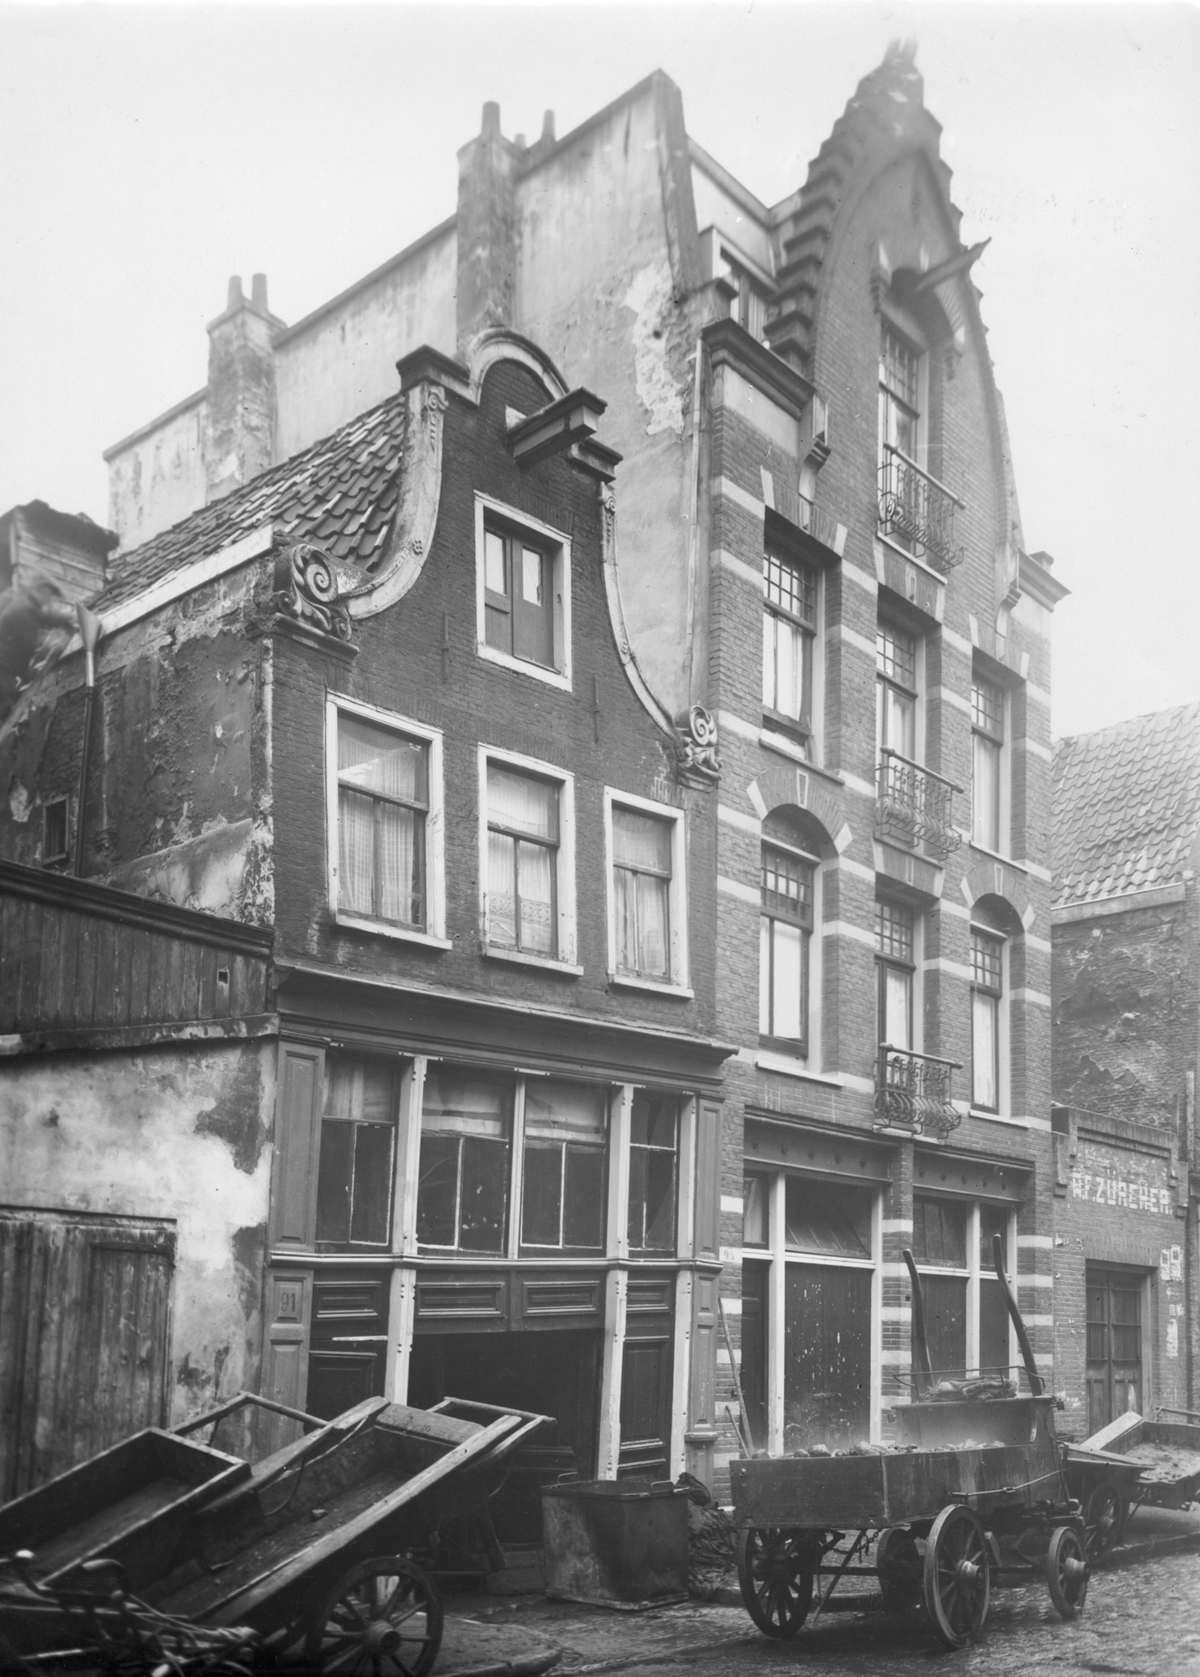 Krotwoningen gevel van vervallen huizen in amsterdam met een paar karren ervoor nederland - Gevels van hedendaagse huizen ...